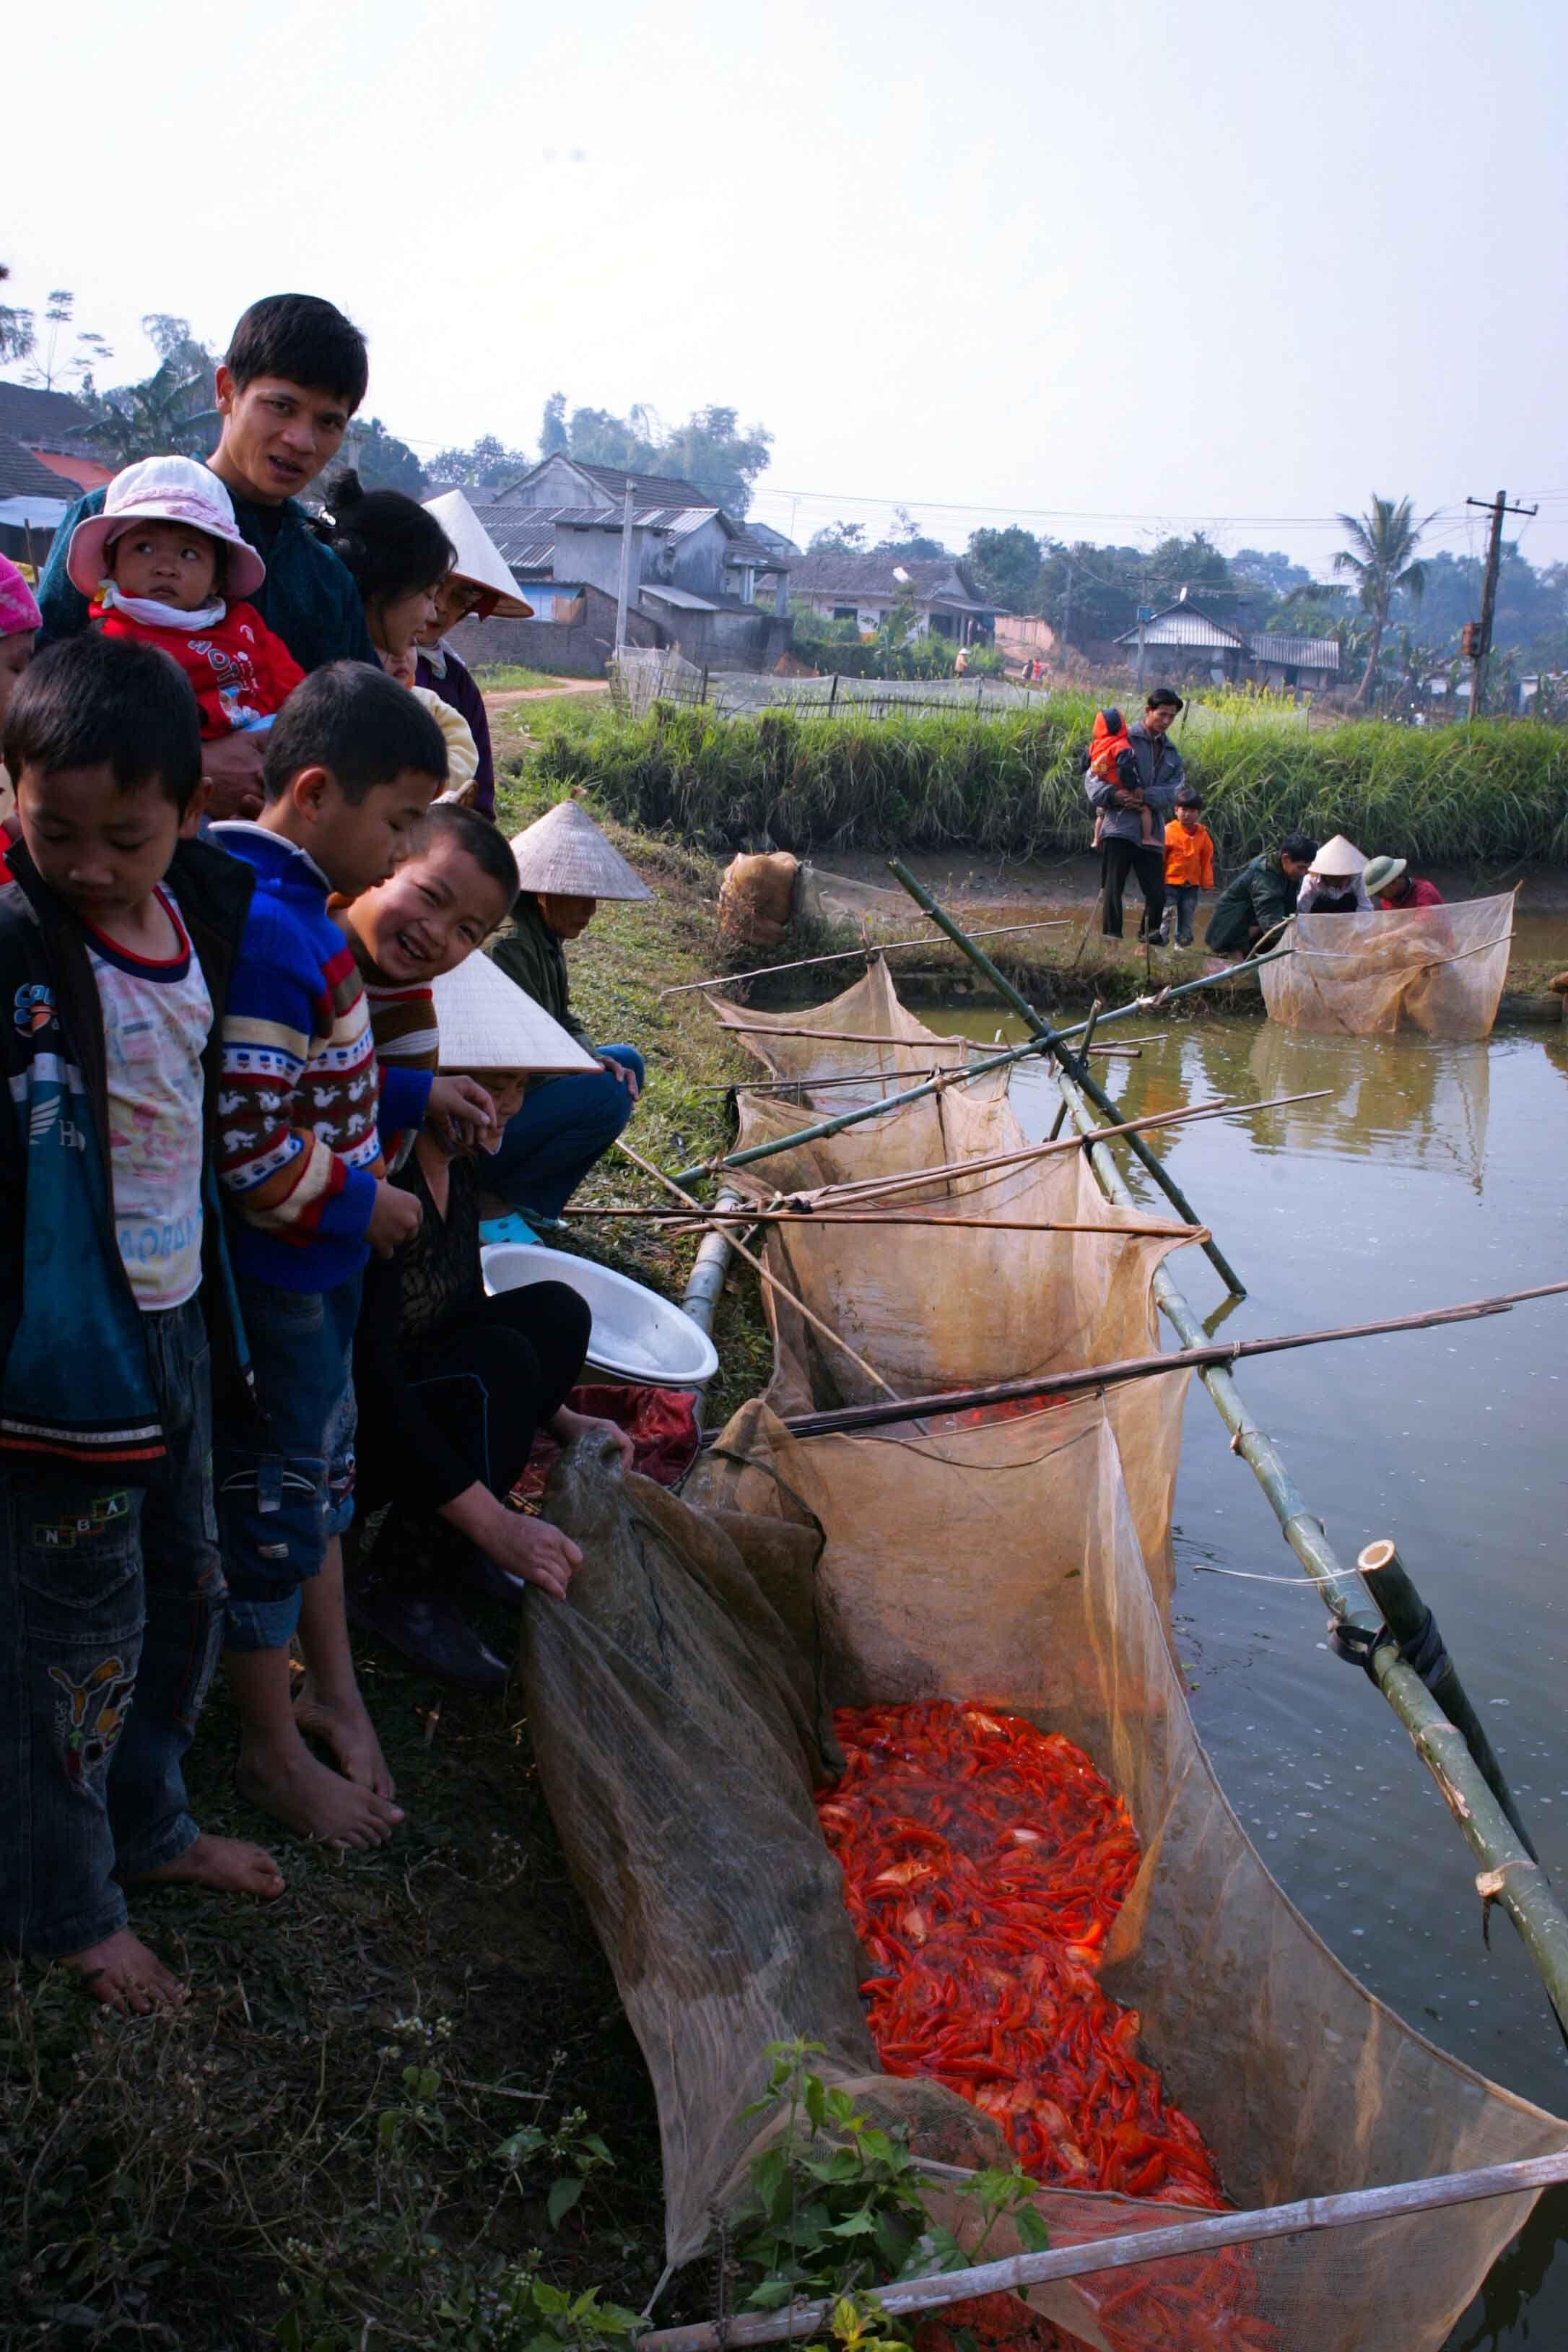 """Từ 20 đến 22 tháng chạp, trên những bờ ao nuôi cá ở Thủy Trầm là rực rỡ sắc đỏ của những """"lồ ép"""" (cách gọi lưới chứa cá của người dân địa phương)."""